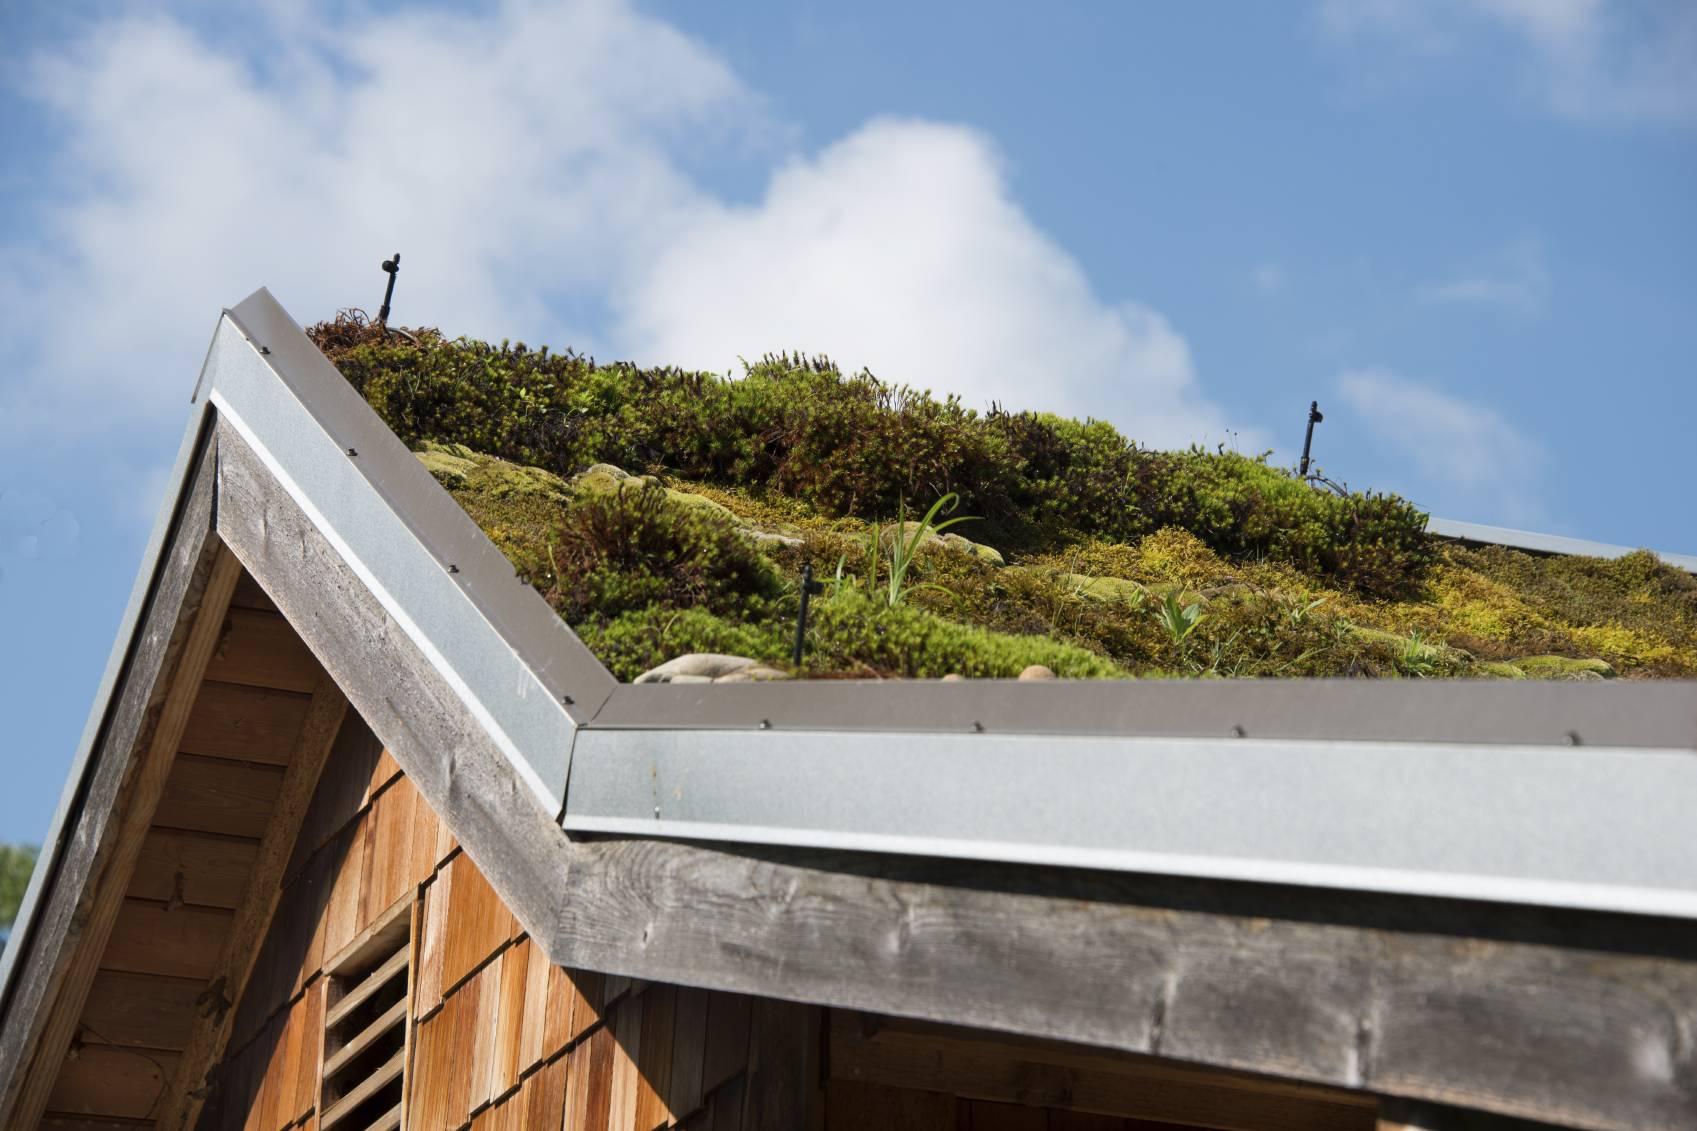 Avantages et inconv nient d 39 un toit v g tal - Toit vegetalise avantages inconvenients ...